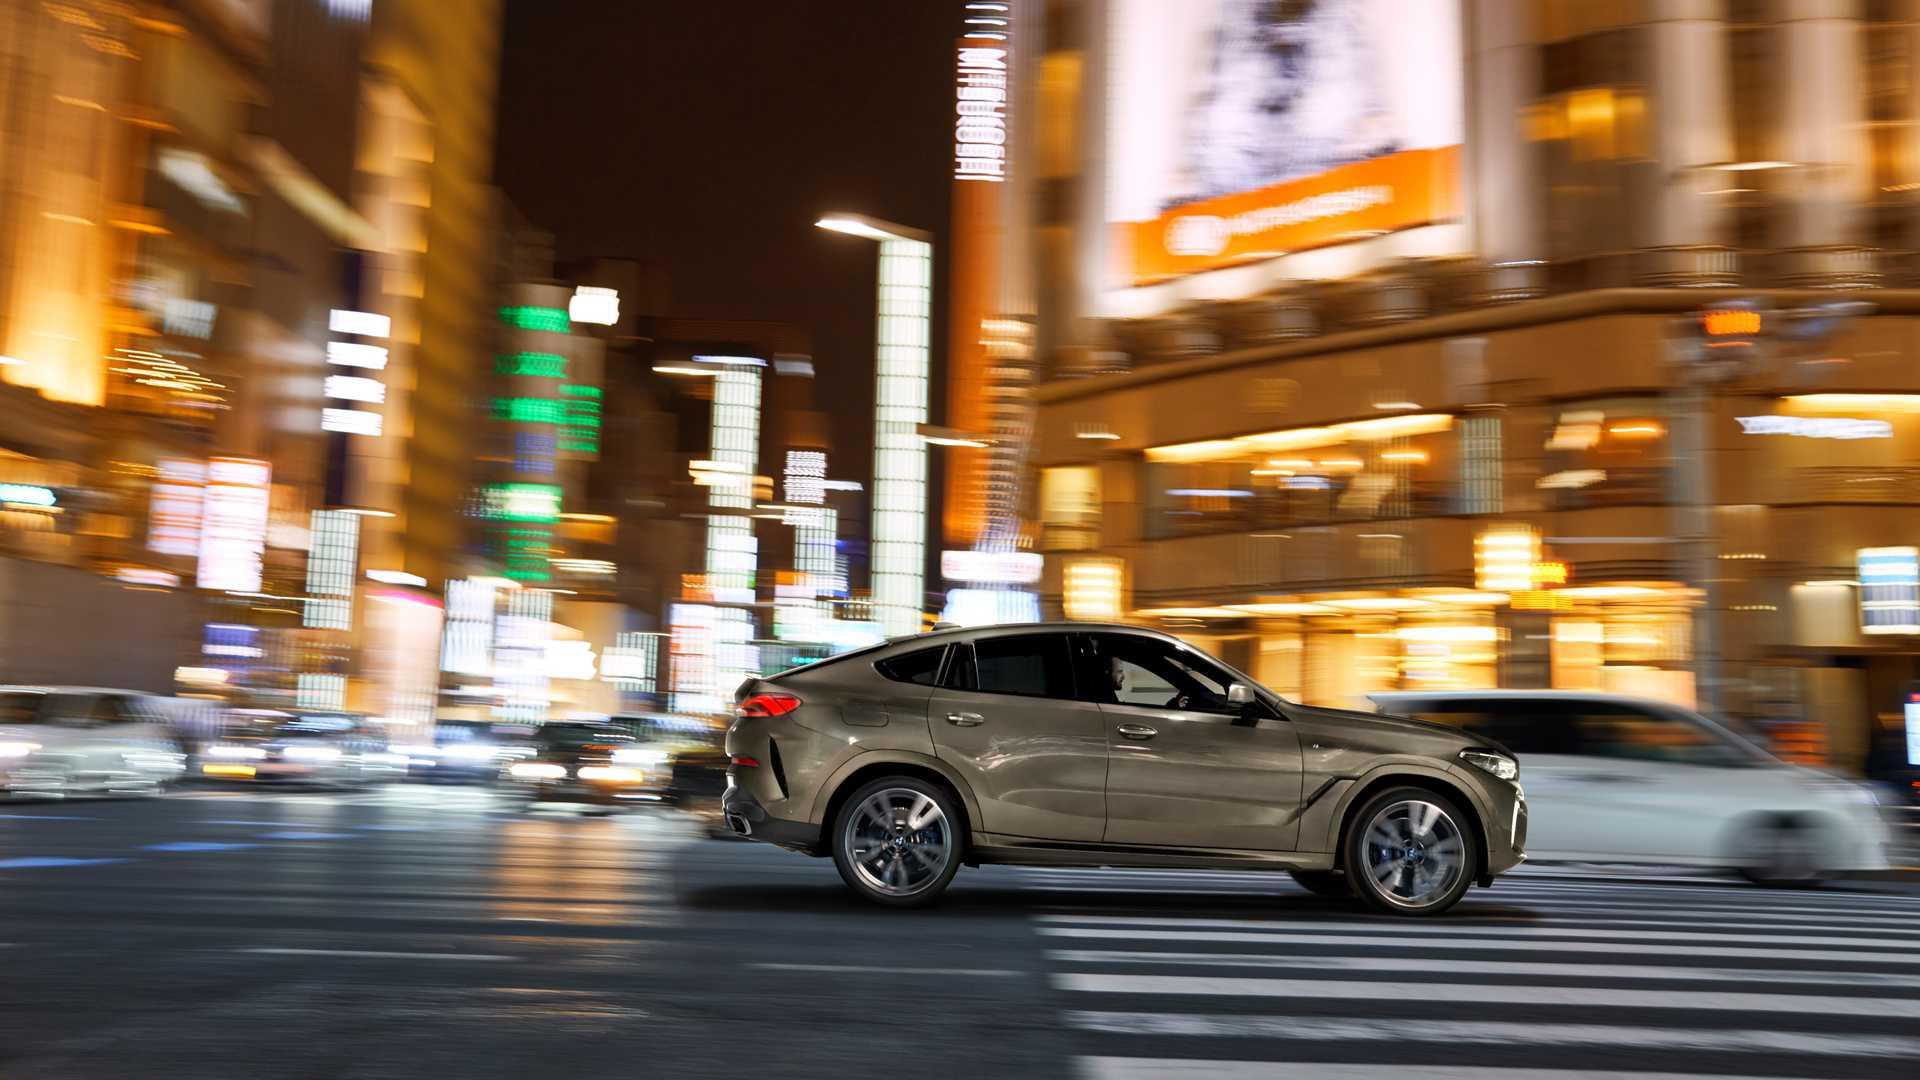 外观/内饰/动力均升级 全新宝马X6正式亮相法兰克福车展